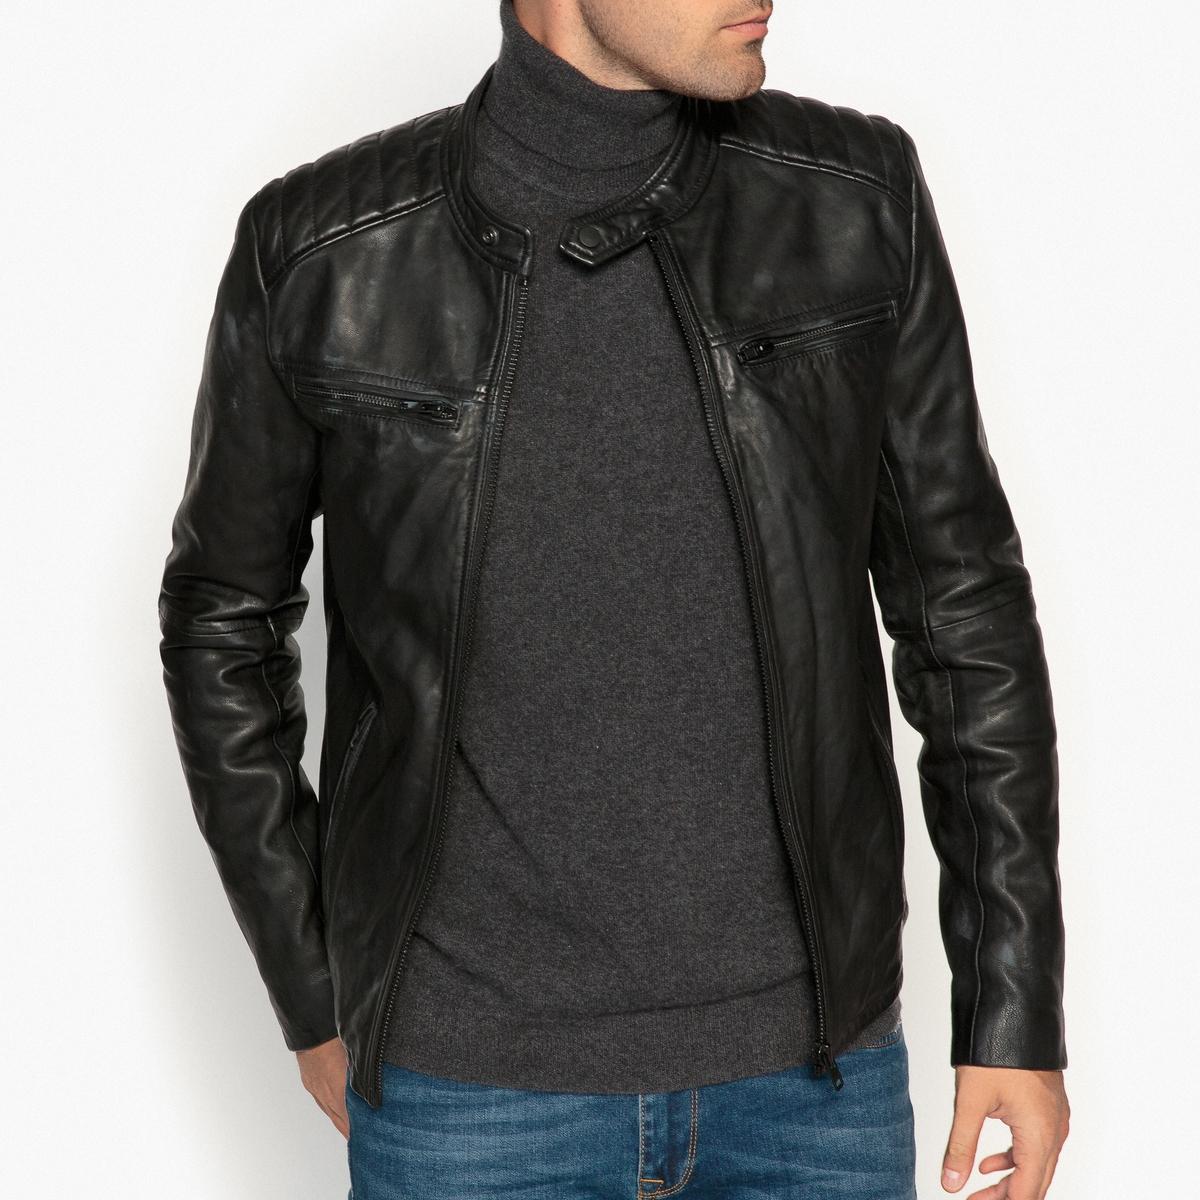 Блузон кожаный в байкерском стиле блузон в байкерском стиле под кожу